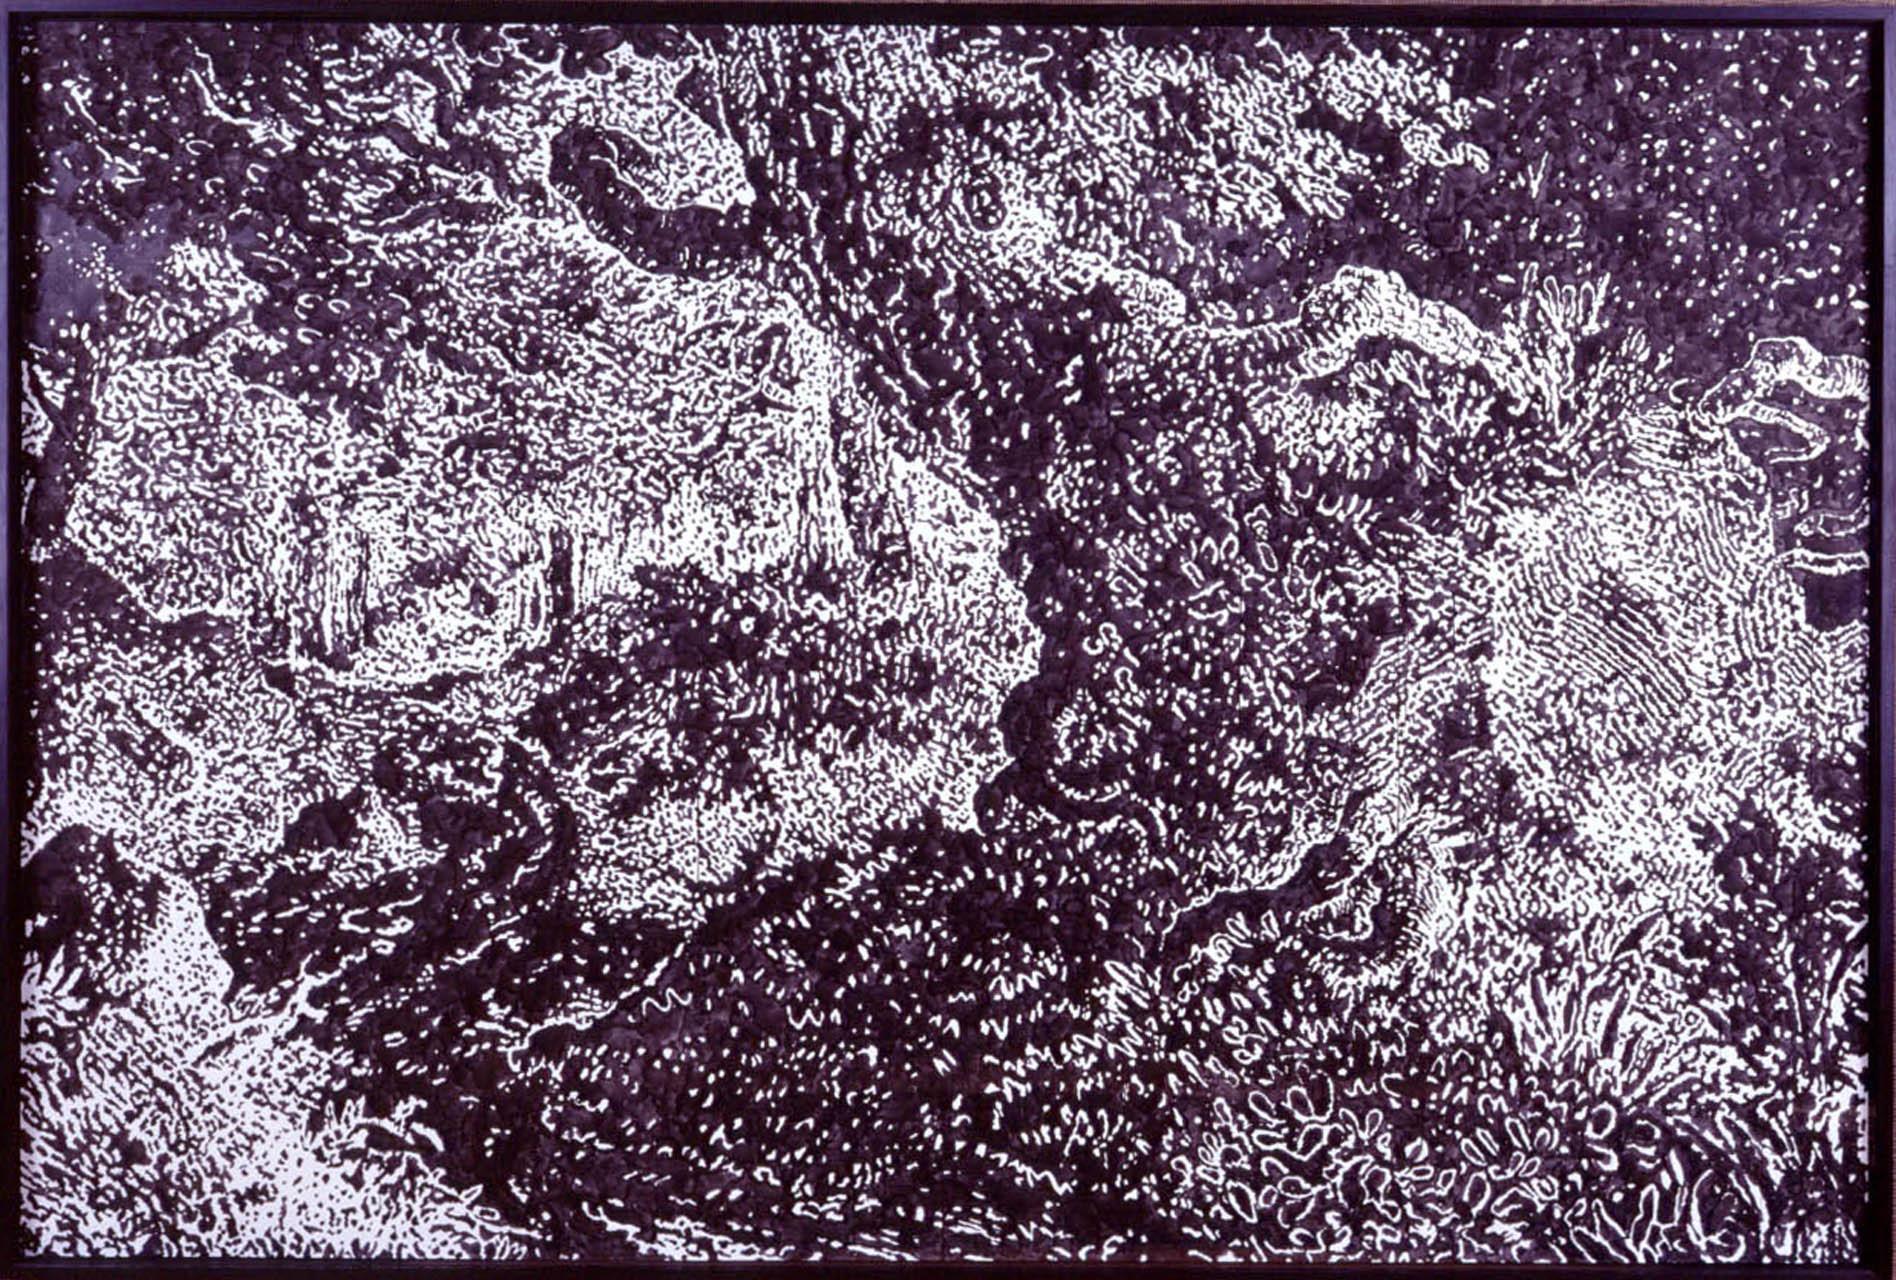 """<div class=""""artwork_caption""""><p>ACHTERAUGUSTZWEITAUDENDUNDZWEI, 2002</p></div>"""